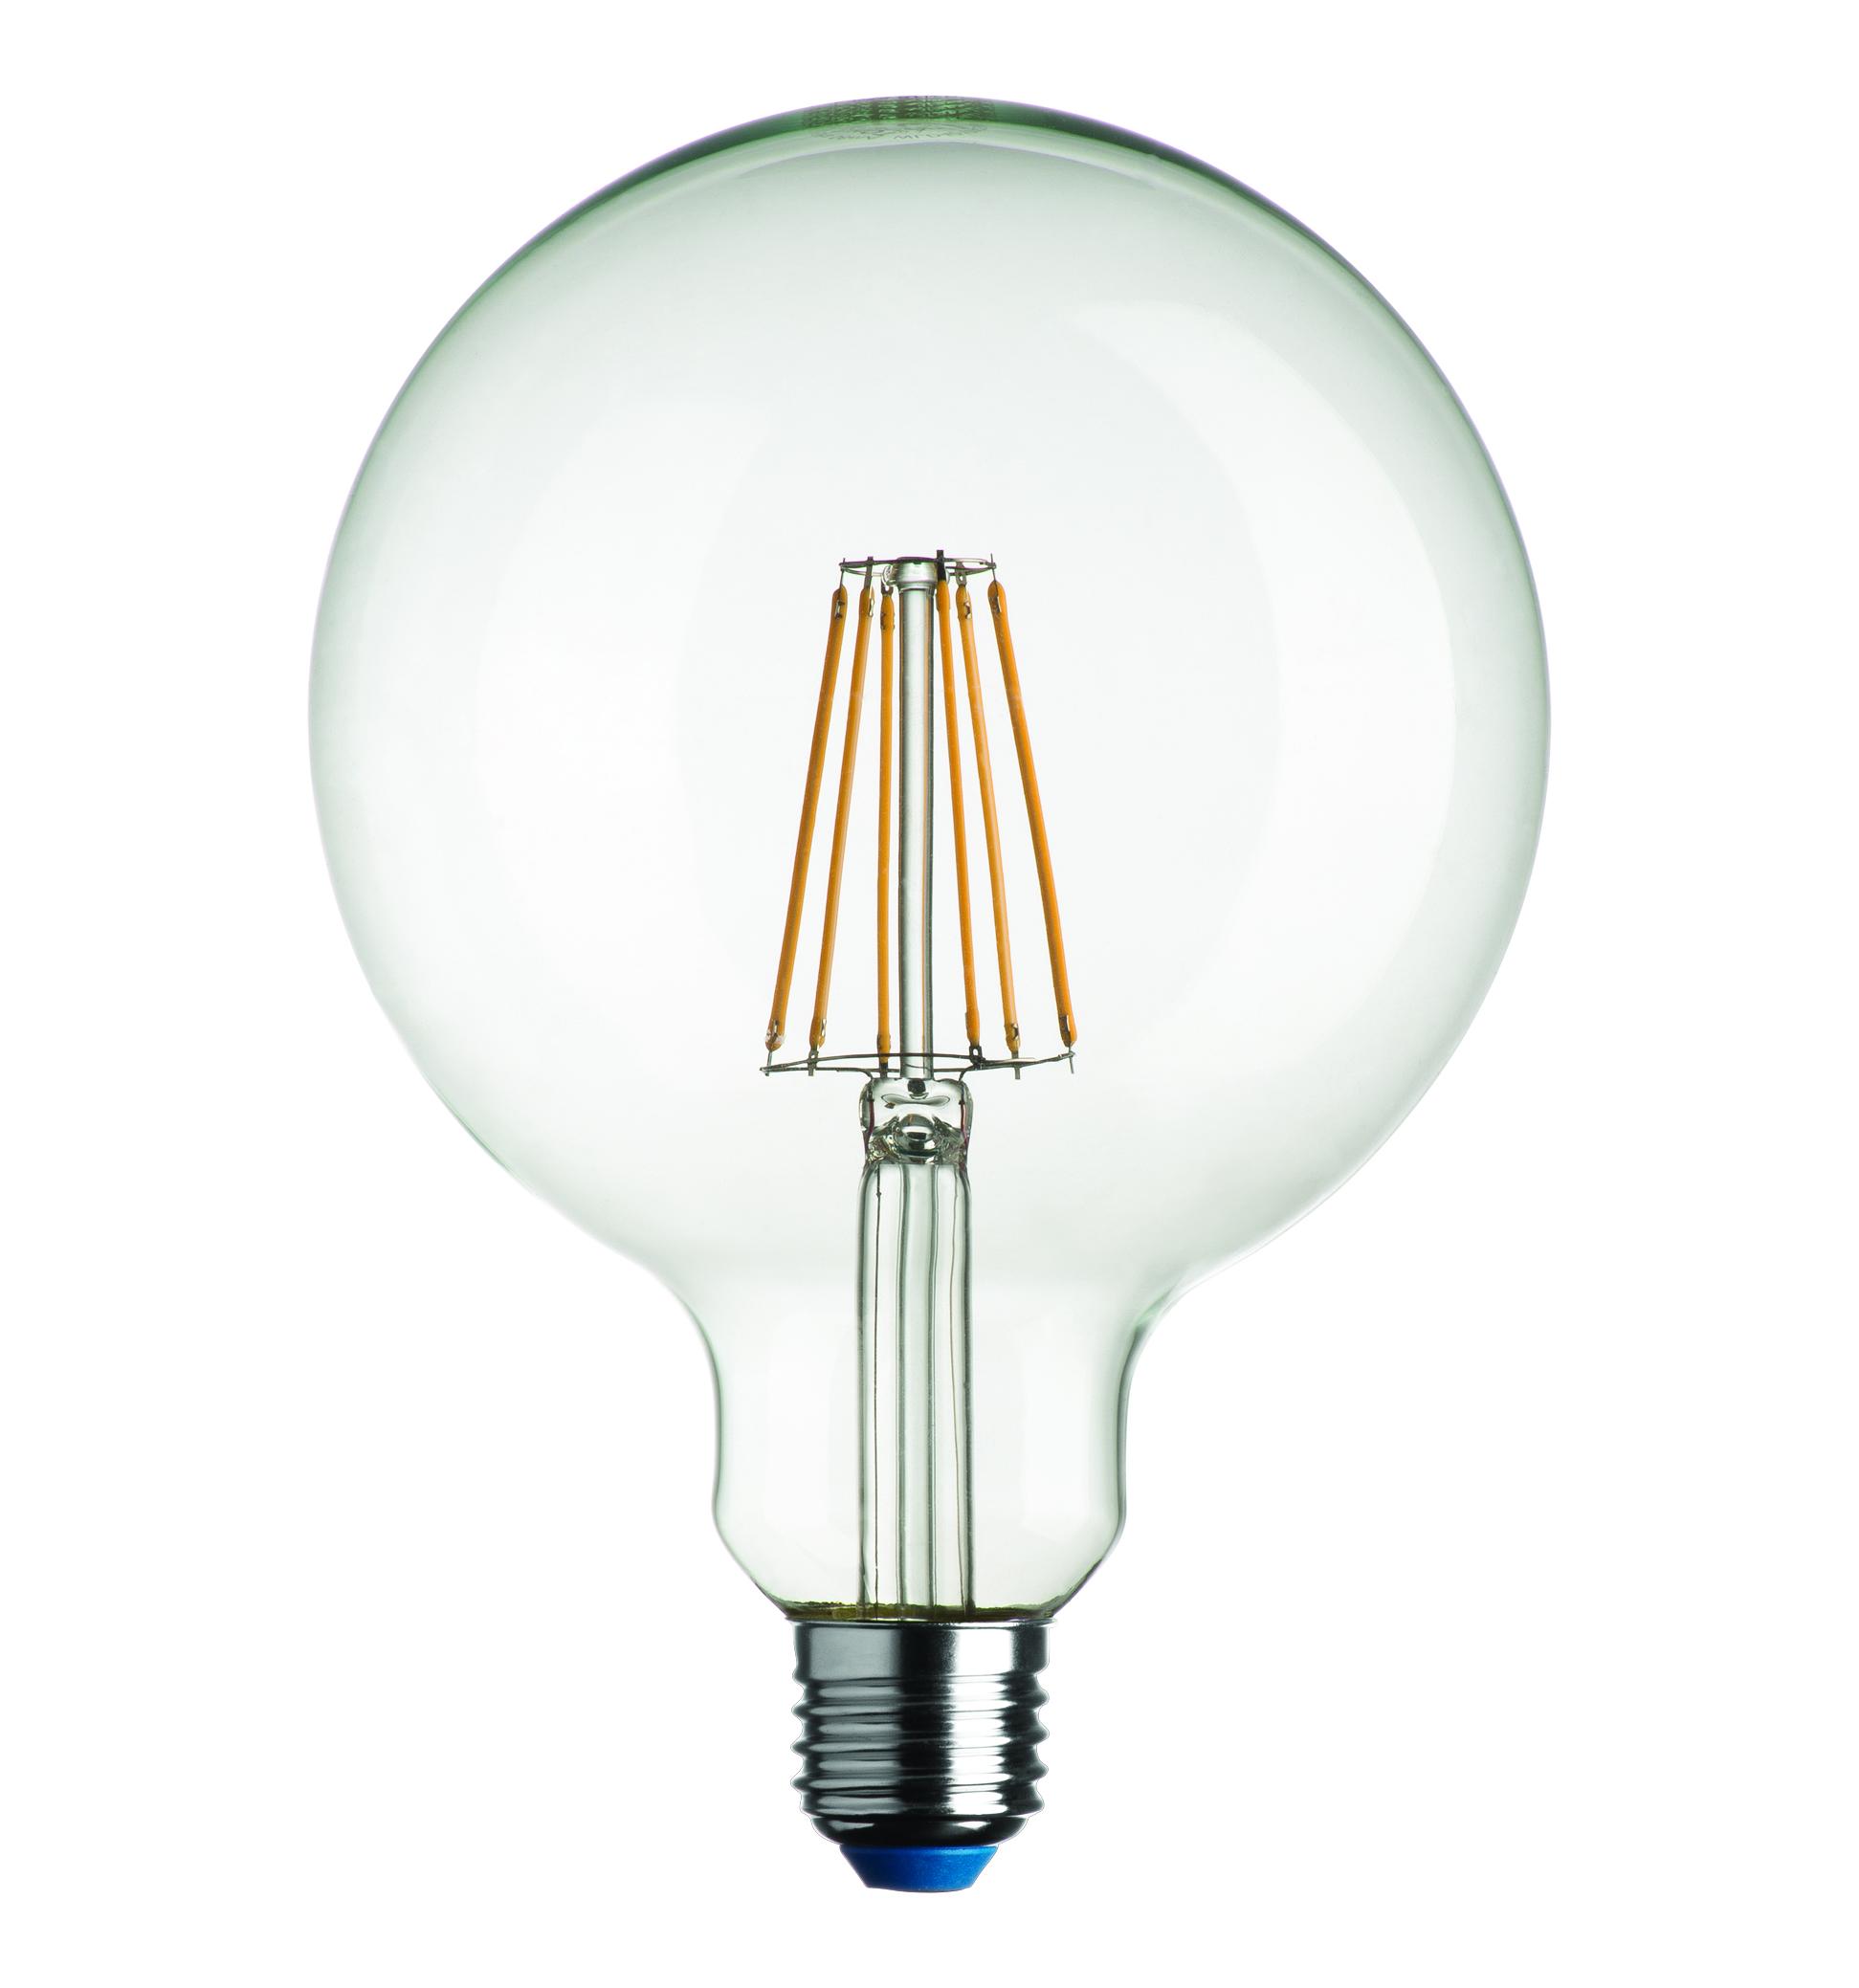 Lampadine A Led Luce Calda.Negozio Di Sconti Online Lampadine Led E27 Luce Calda 40w